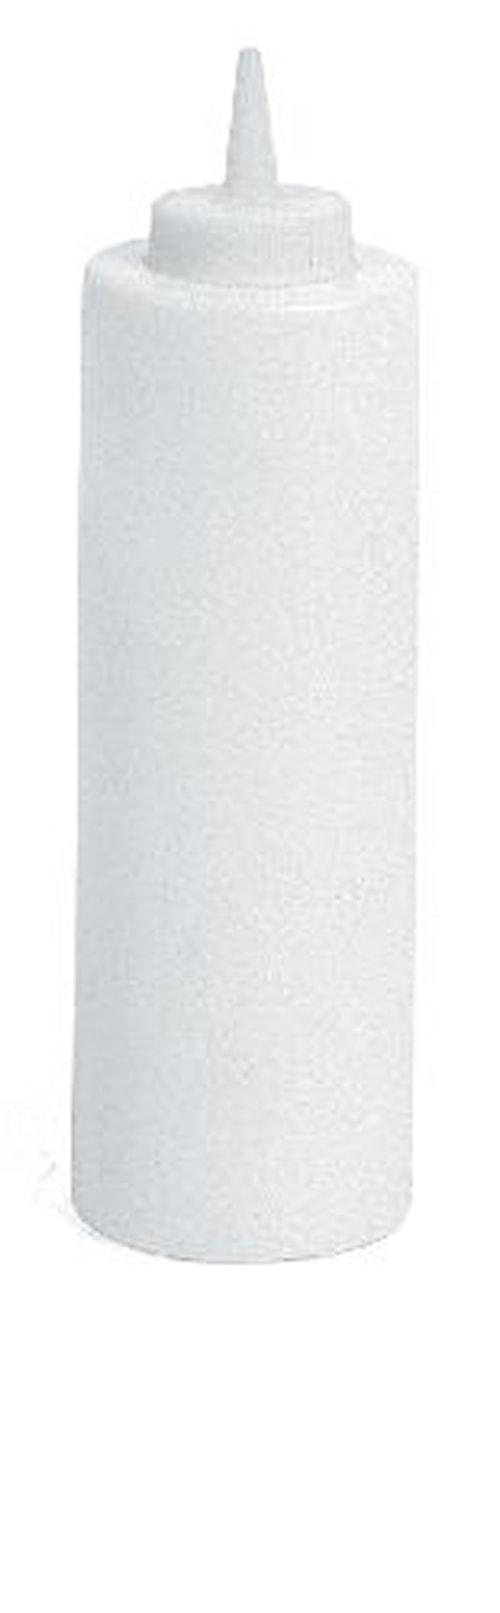 Dressingflaska 0,68 L